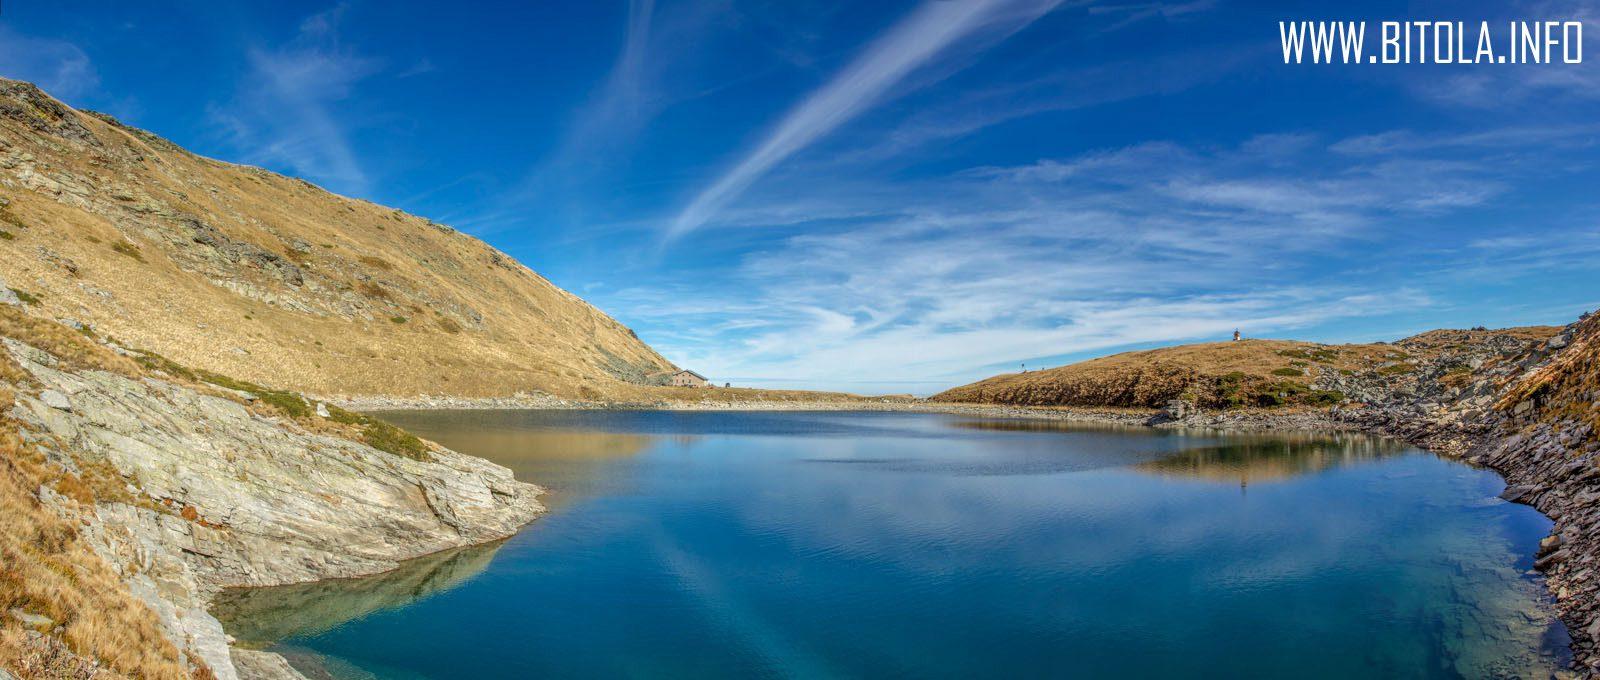 Read more about the article Големо езеро Пелистер – еднодневни џип екскурзии